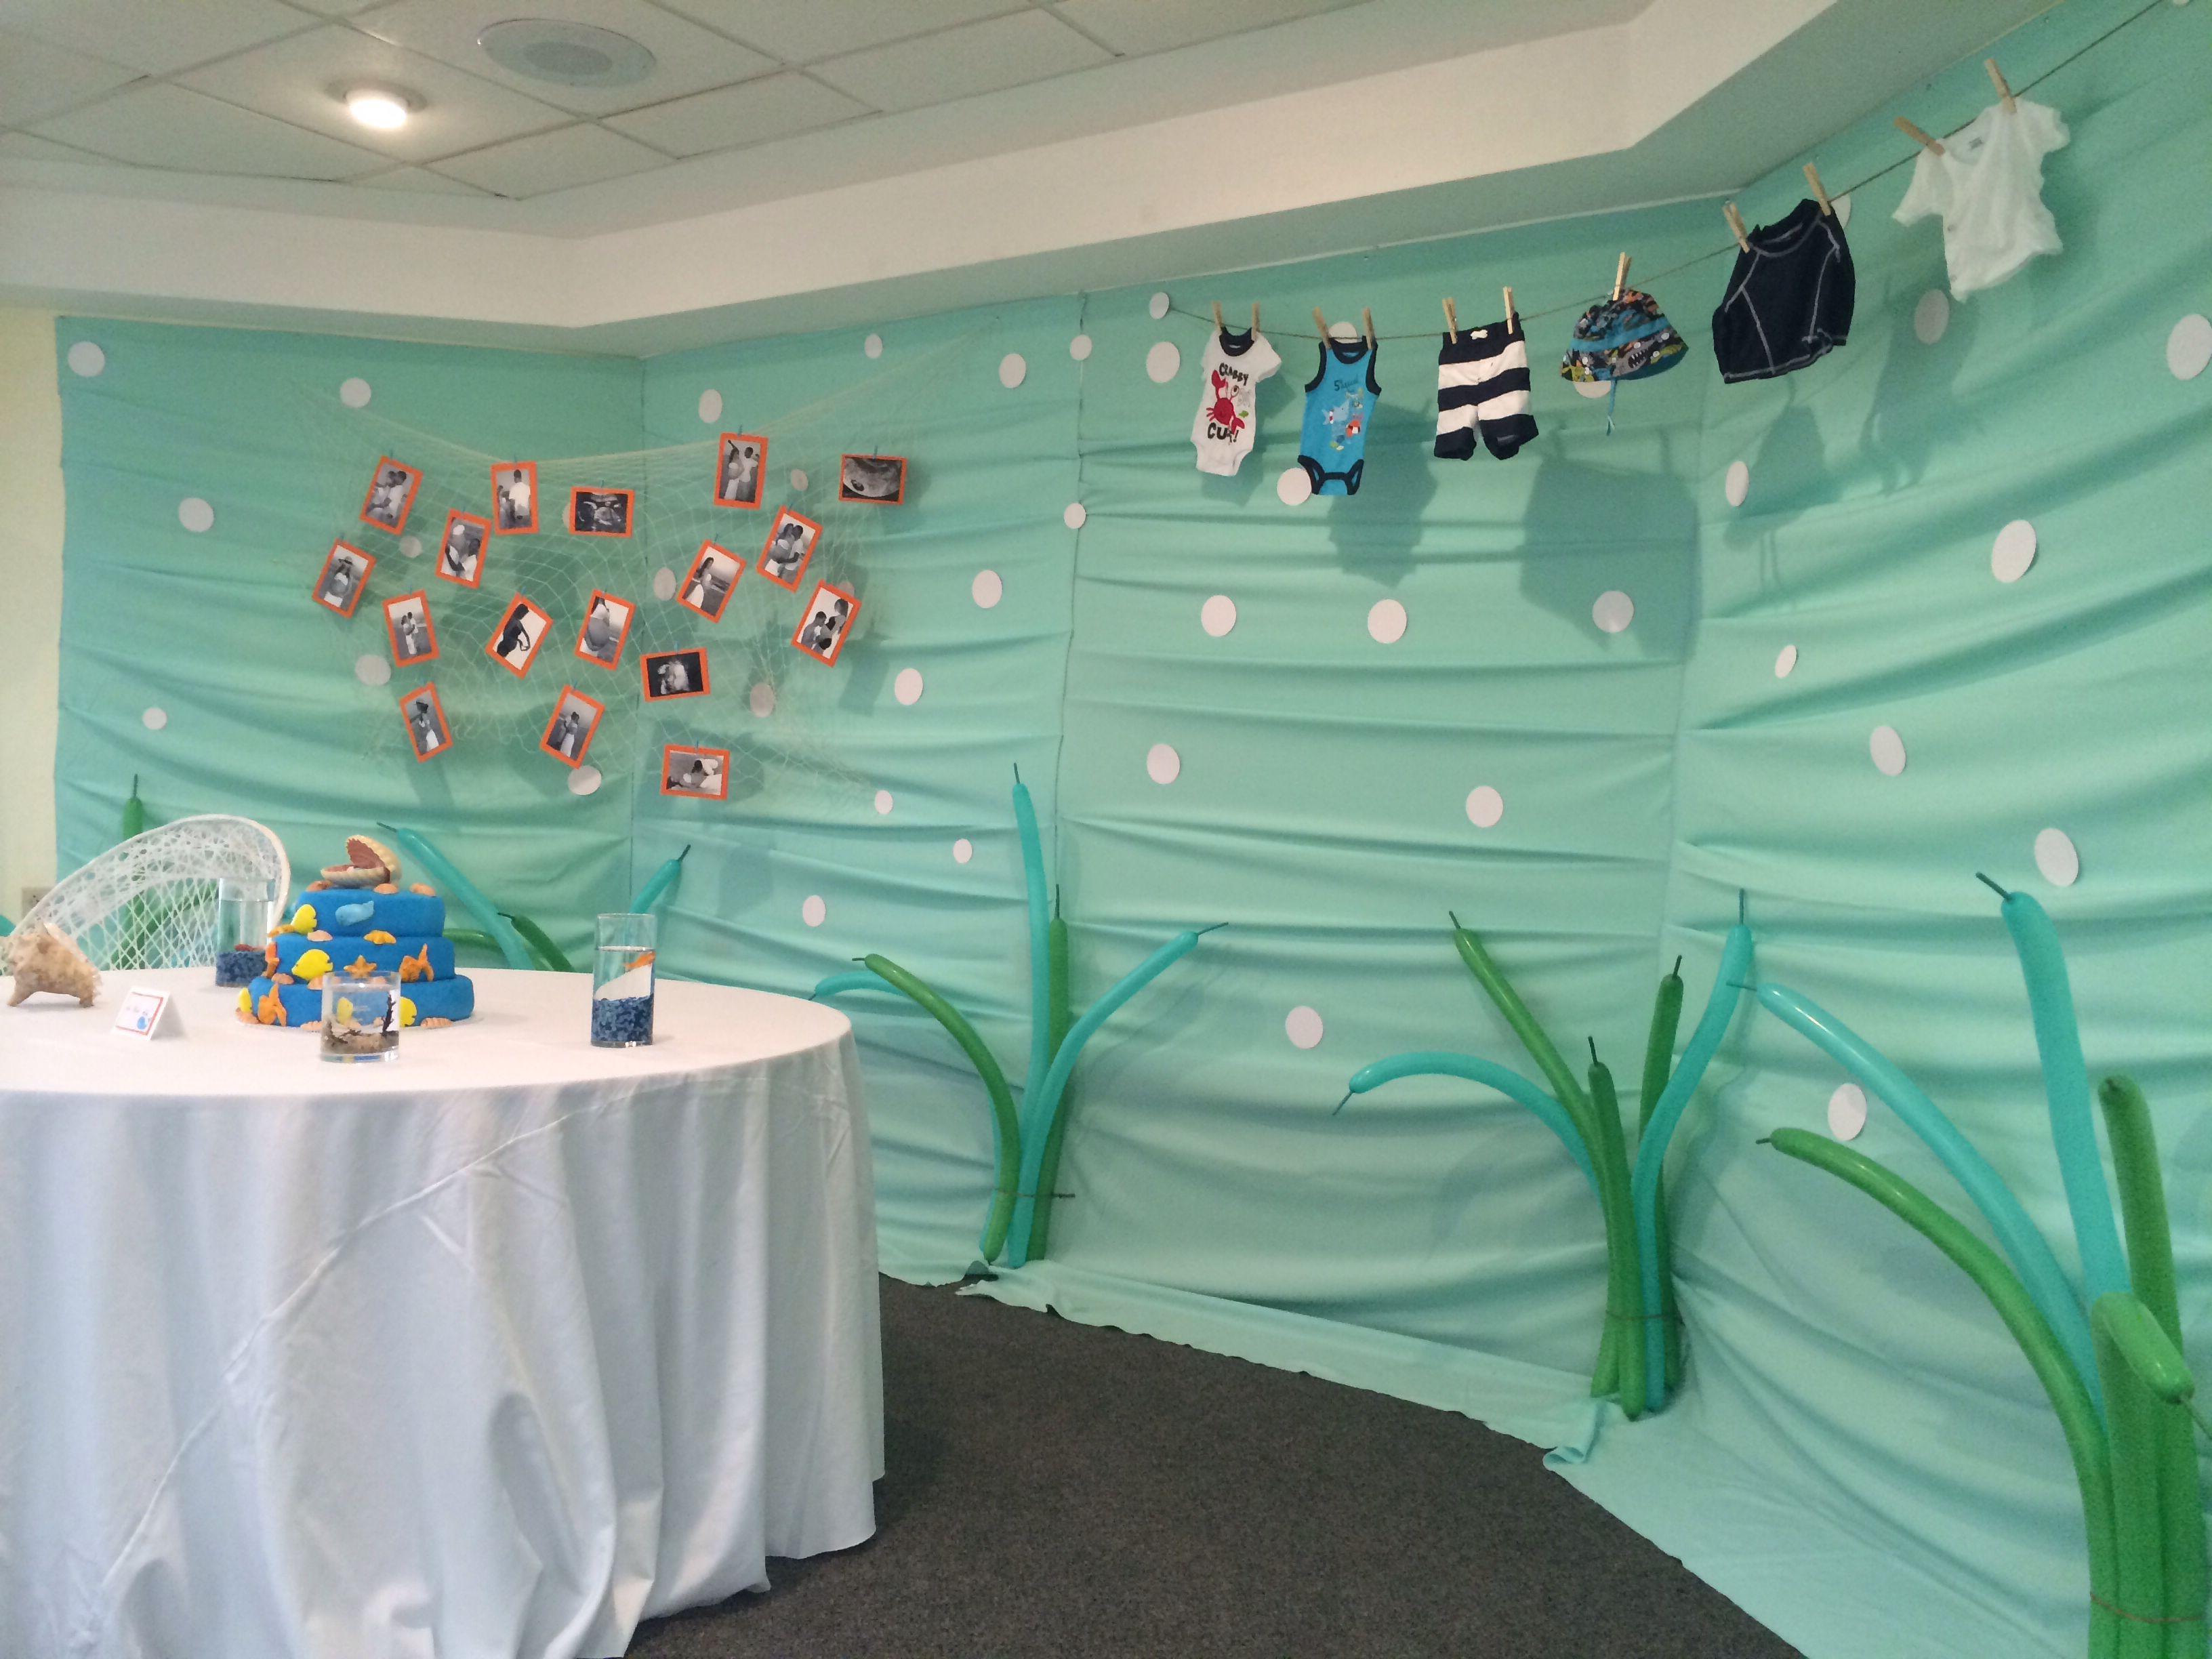 under the sea baby shower decoration ideas diy for kids geburtstagsideen geburt und geburtstag. Black Bedroom Furniture Sets. Home Design Ideas